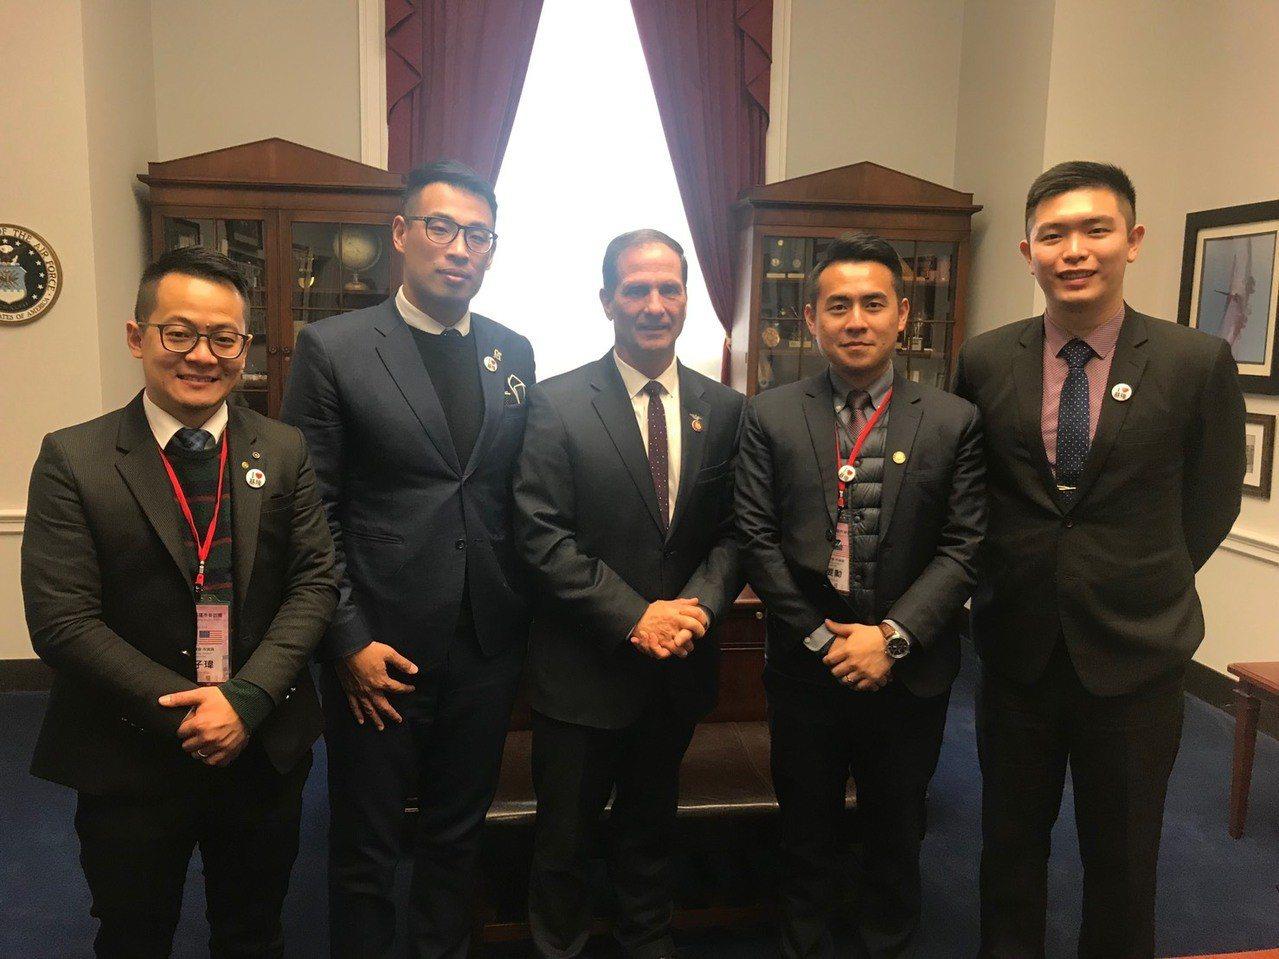 基隆市長林右昌率領的訪問團於美國時間13日下午,前往國會山莊拜會3名聯邦眾議員,...